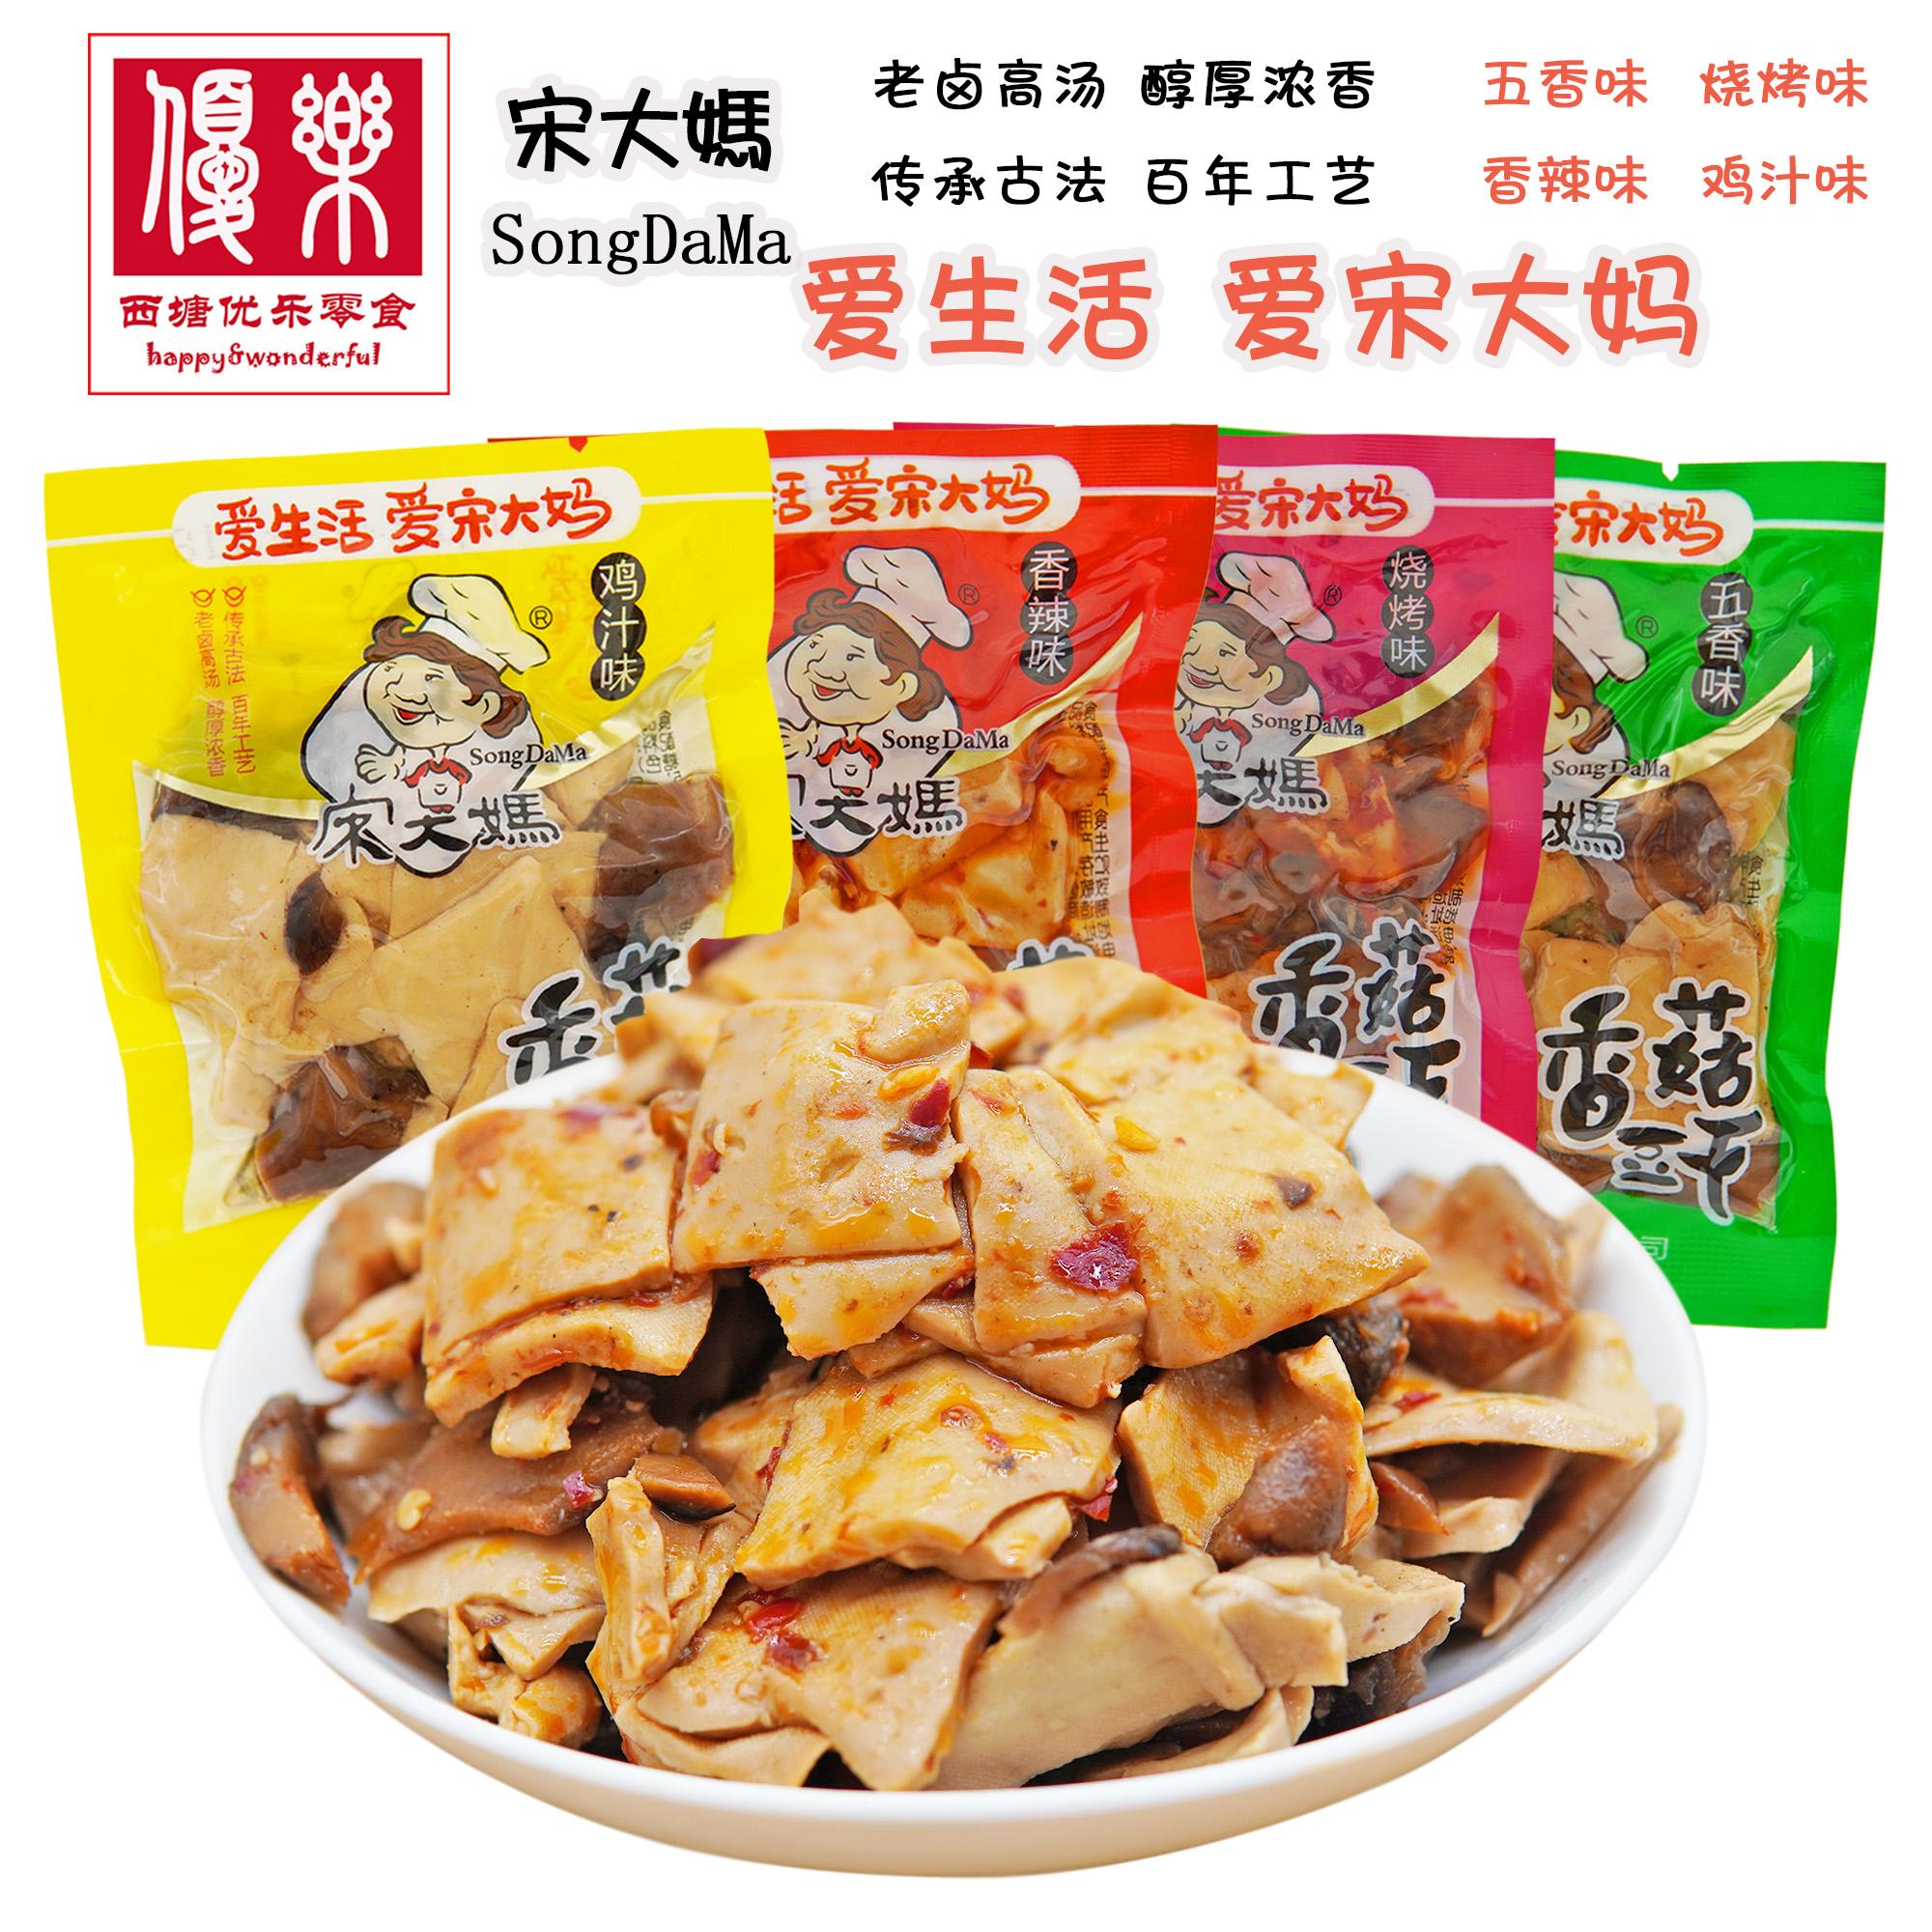 宋大妈香菇豆干500g五香辣鸡汁烧烤豆腐干零休闲零食品重庆特产